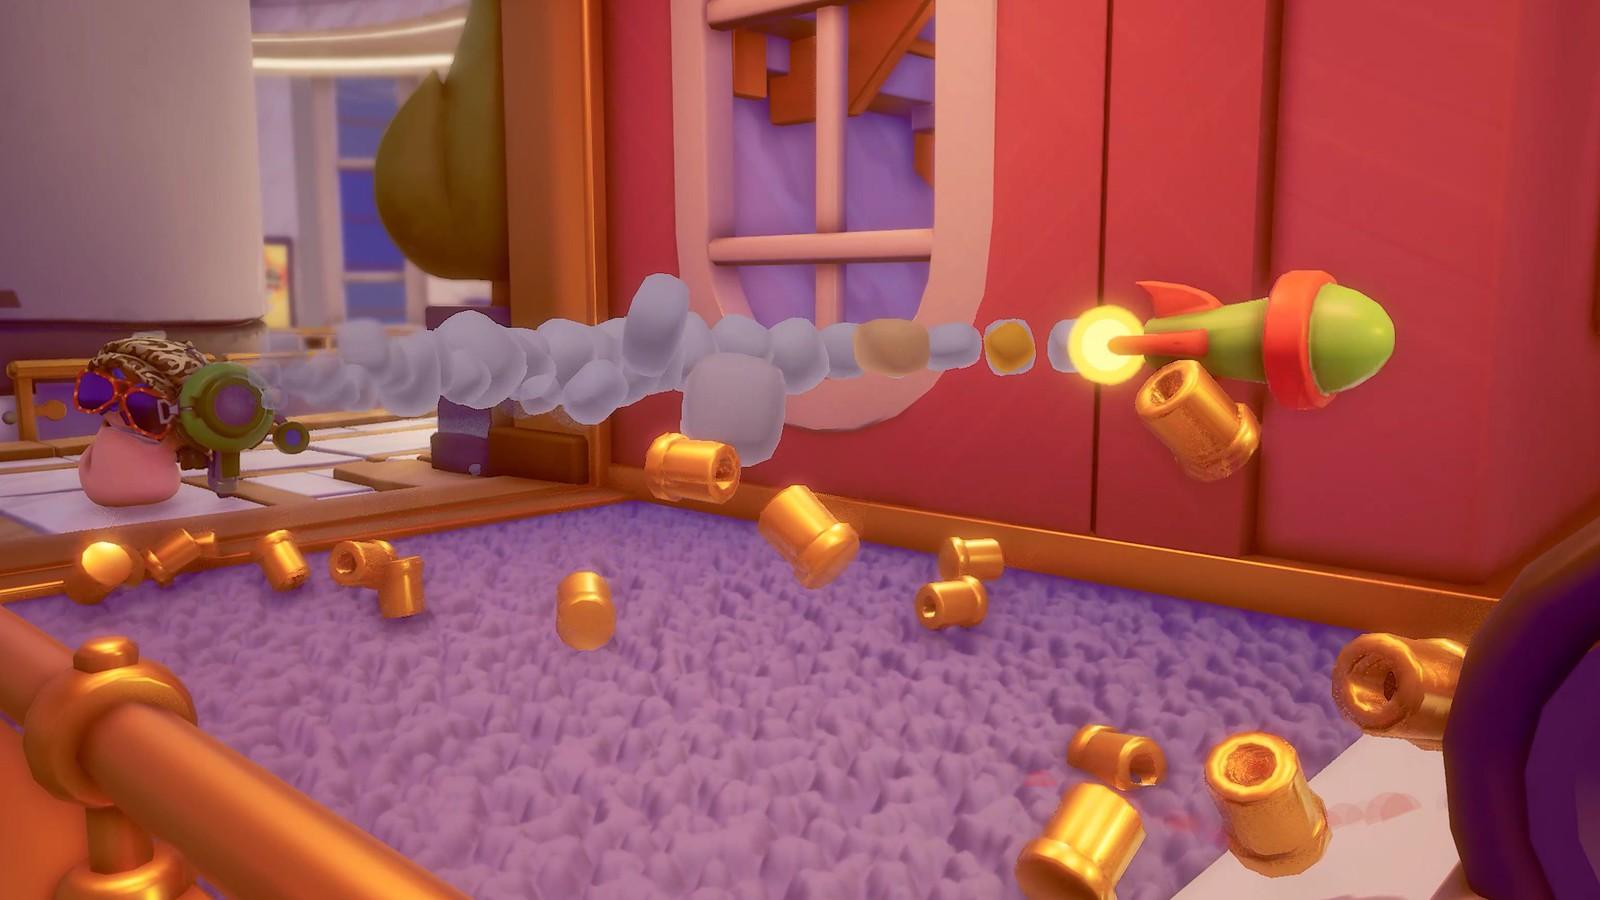 50062911941 274ea6819d h - Worms Rumble rollt im Laufe dieses Jahres auf PS4 und PS5